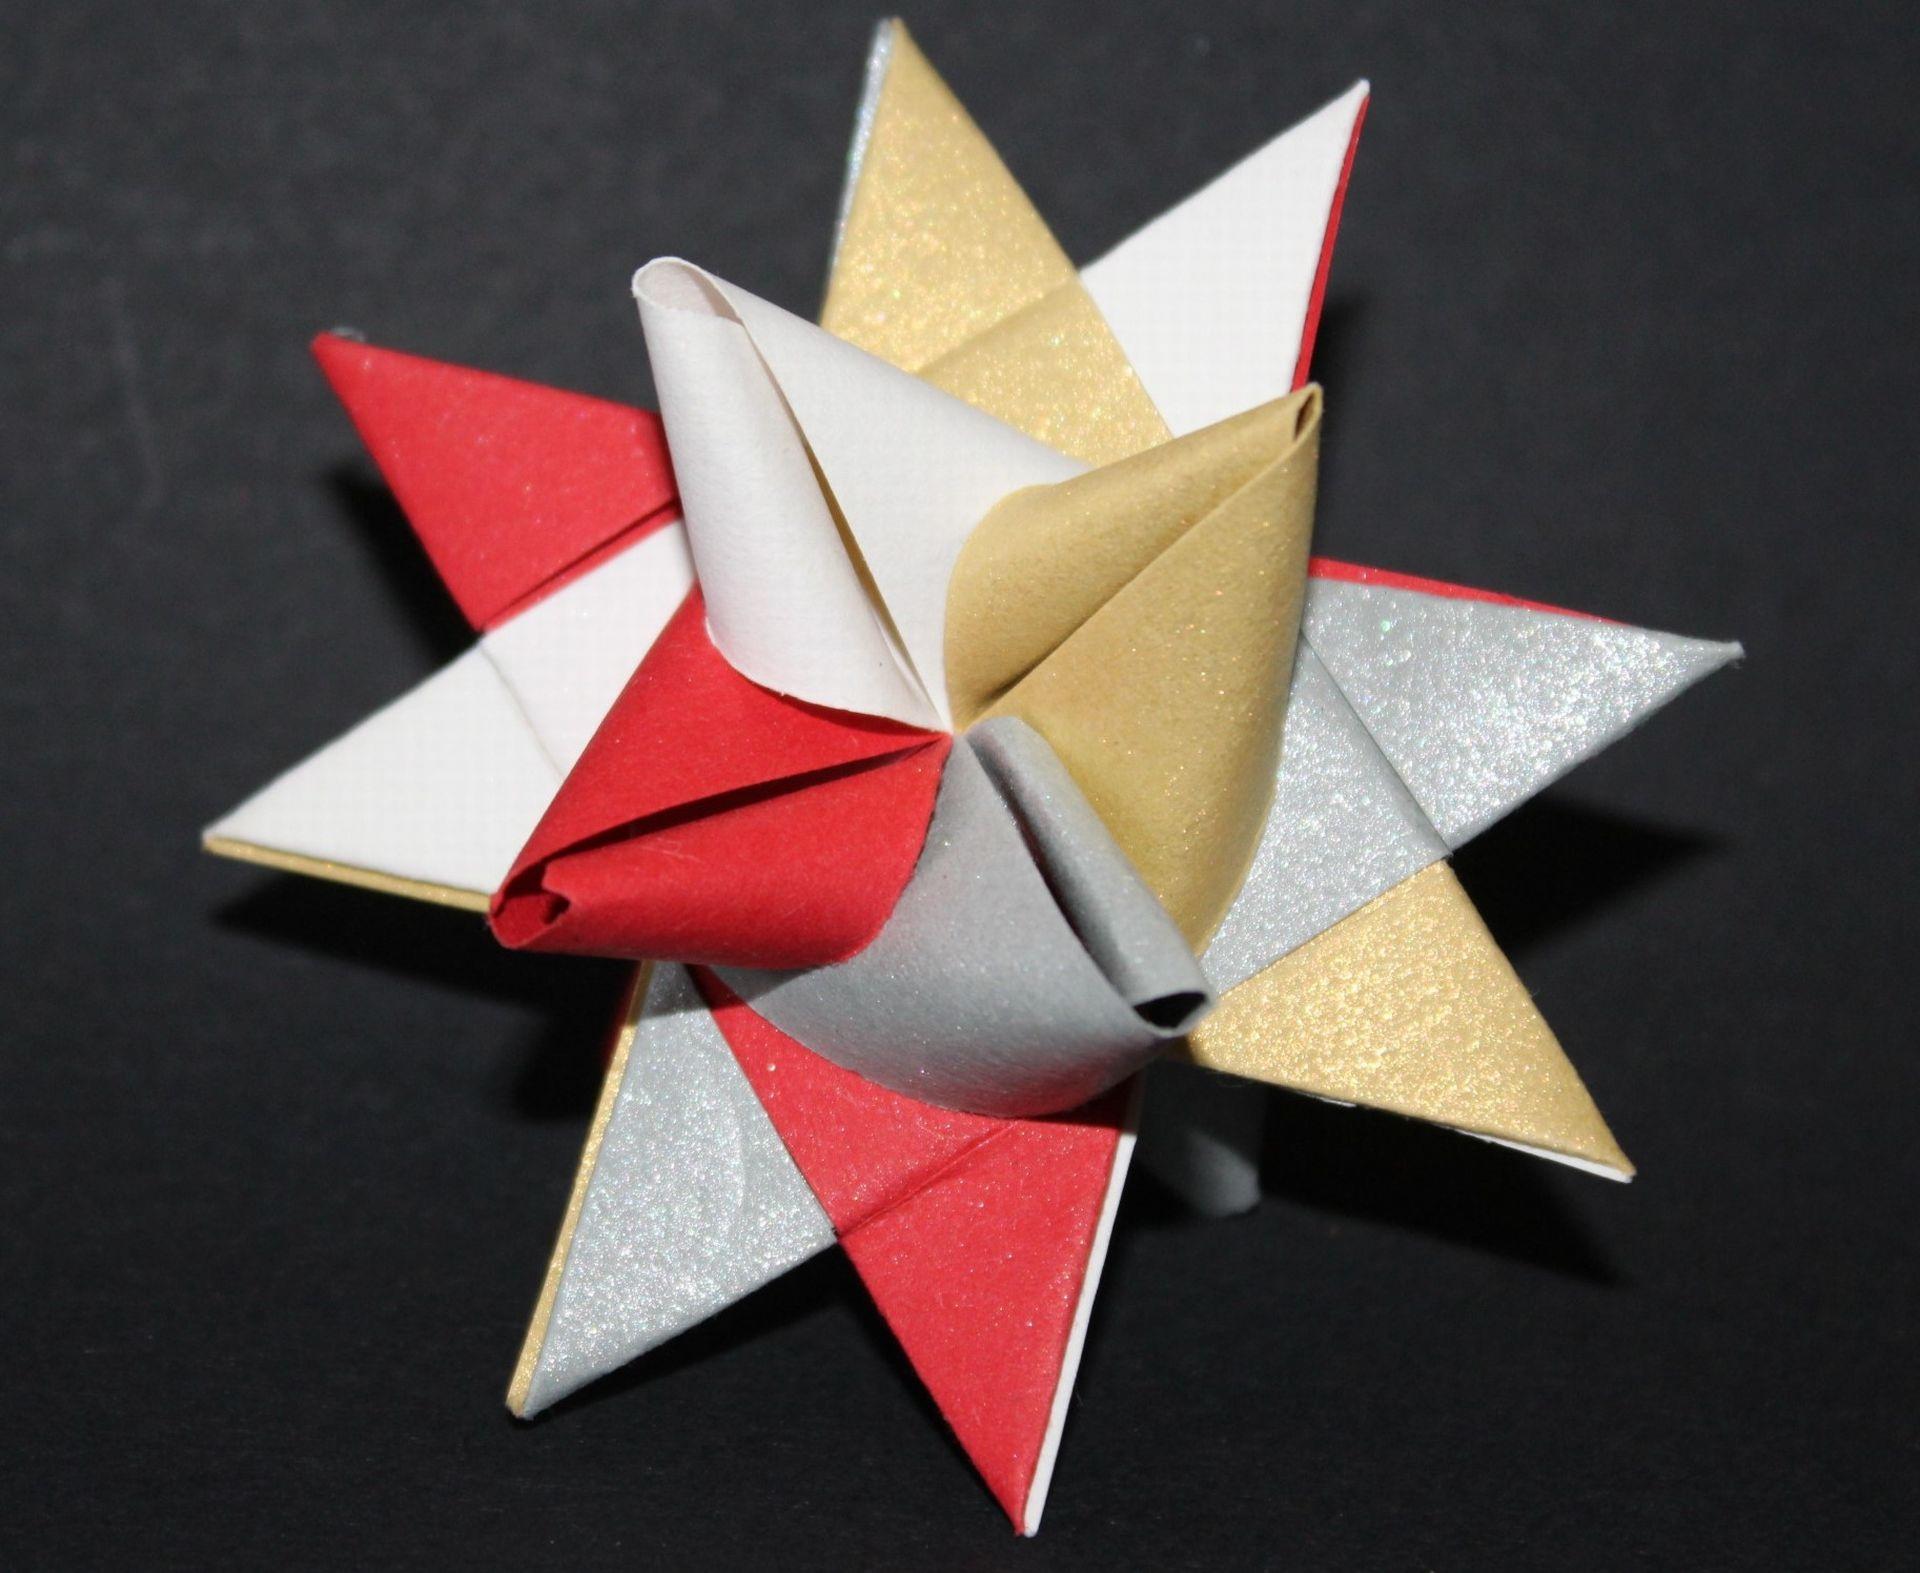 rueda estrella flor ptalo decoracin rojo romntico navidad papel material deco imagen de fondo art oro